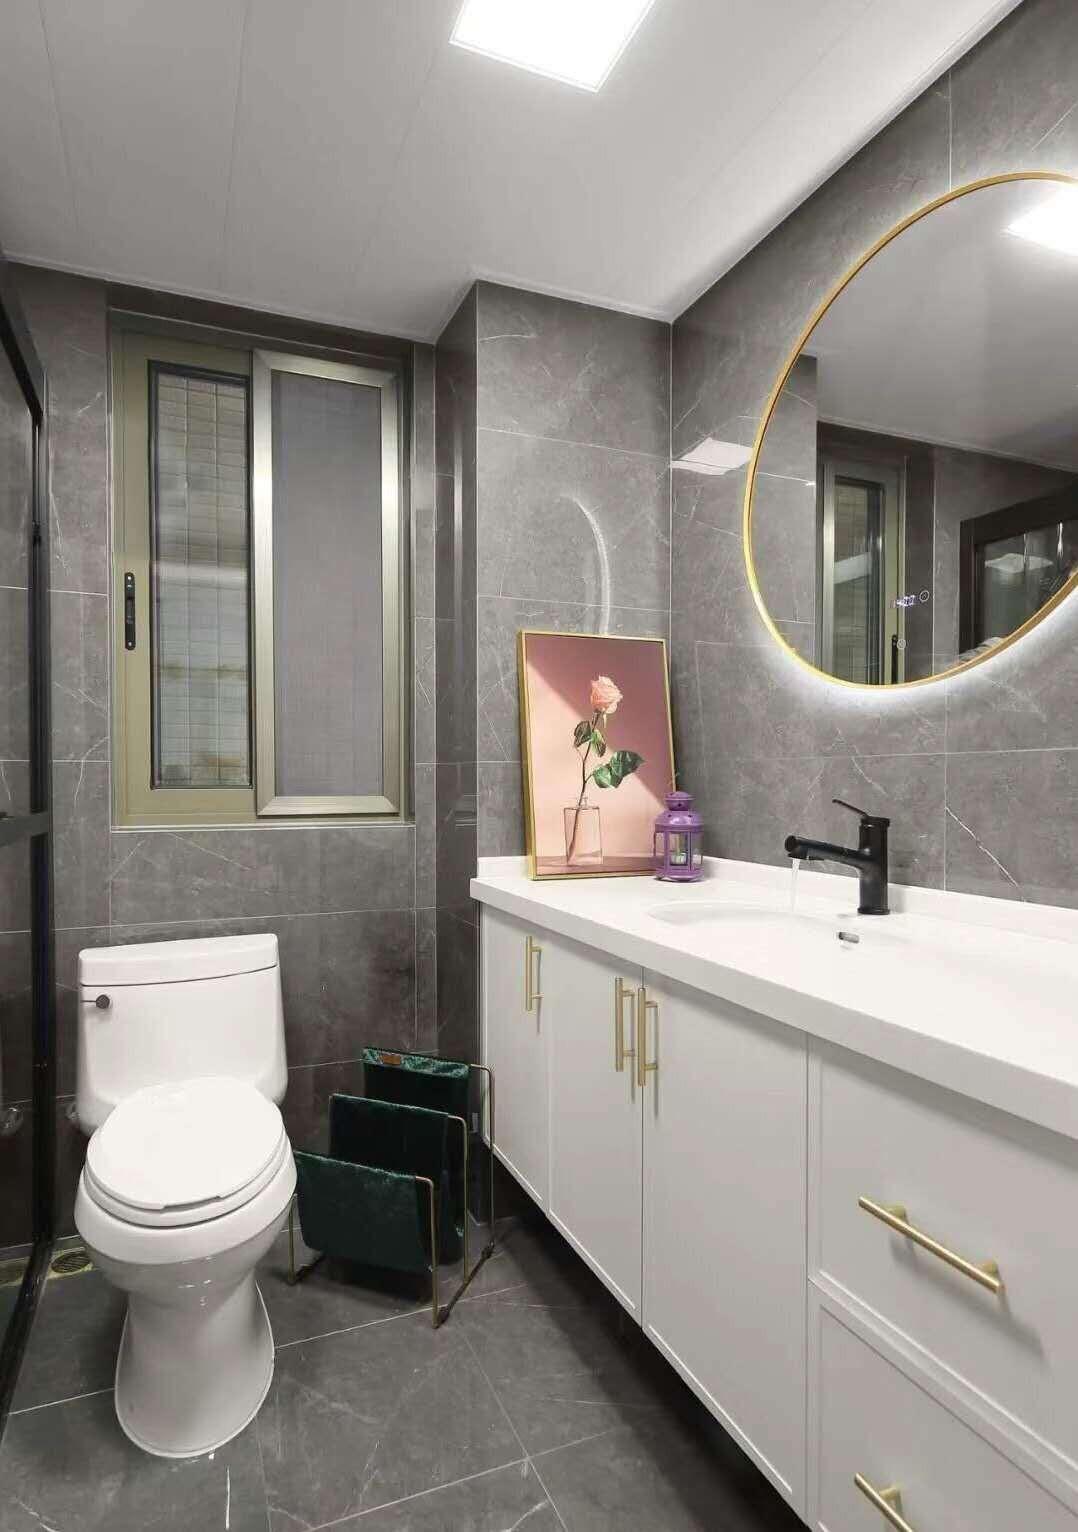 2021美式卫生间装修图片 2021美式浴室柜装修图